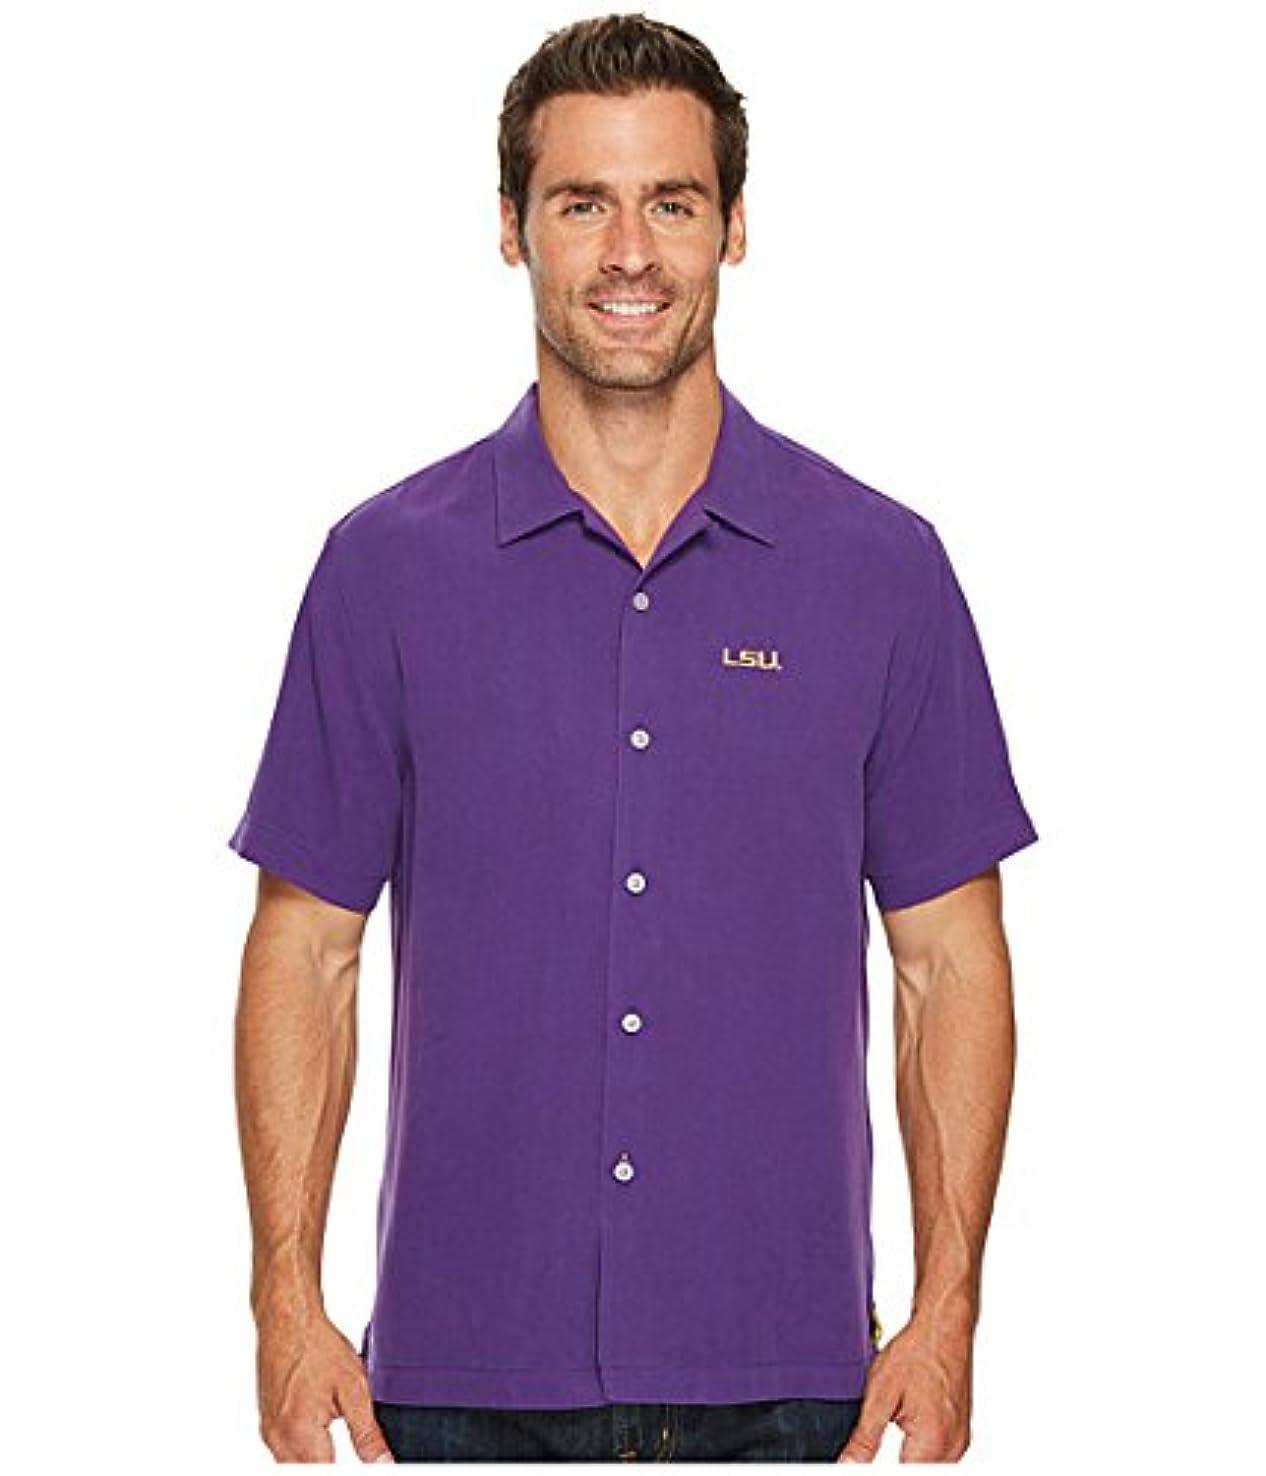 残高撤退オリエンテーション(トミーバハマ)Tommy Bahama メンズシャツ?ワイシャツ Collegiate Series Catalina Twill Louisiana State University 2XL XXL [並行輸入品]